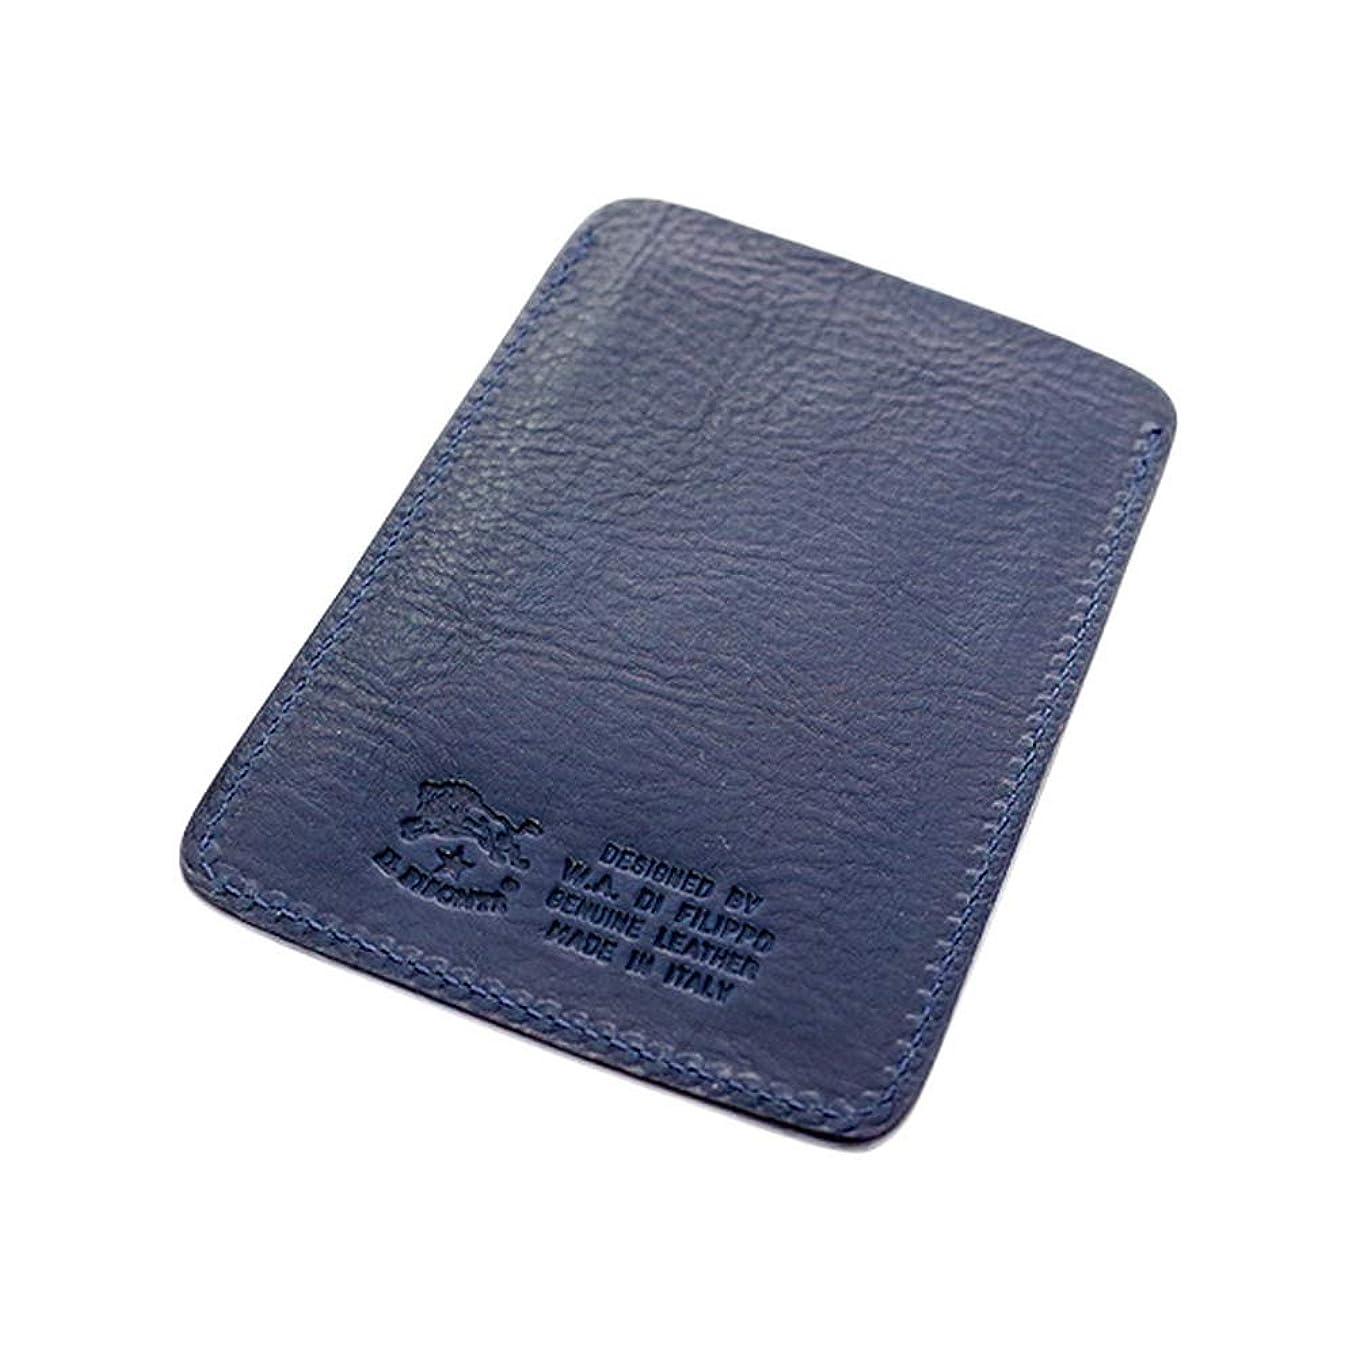 拘束するペースト粘着性イルビゾンテ IL BISONTE パスケース メンズ レディース 54-1-411618 C0468MP-866 ネイビー 財布?小物 カードケース mirai1-565178-ak [並行輸入品]